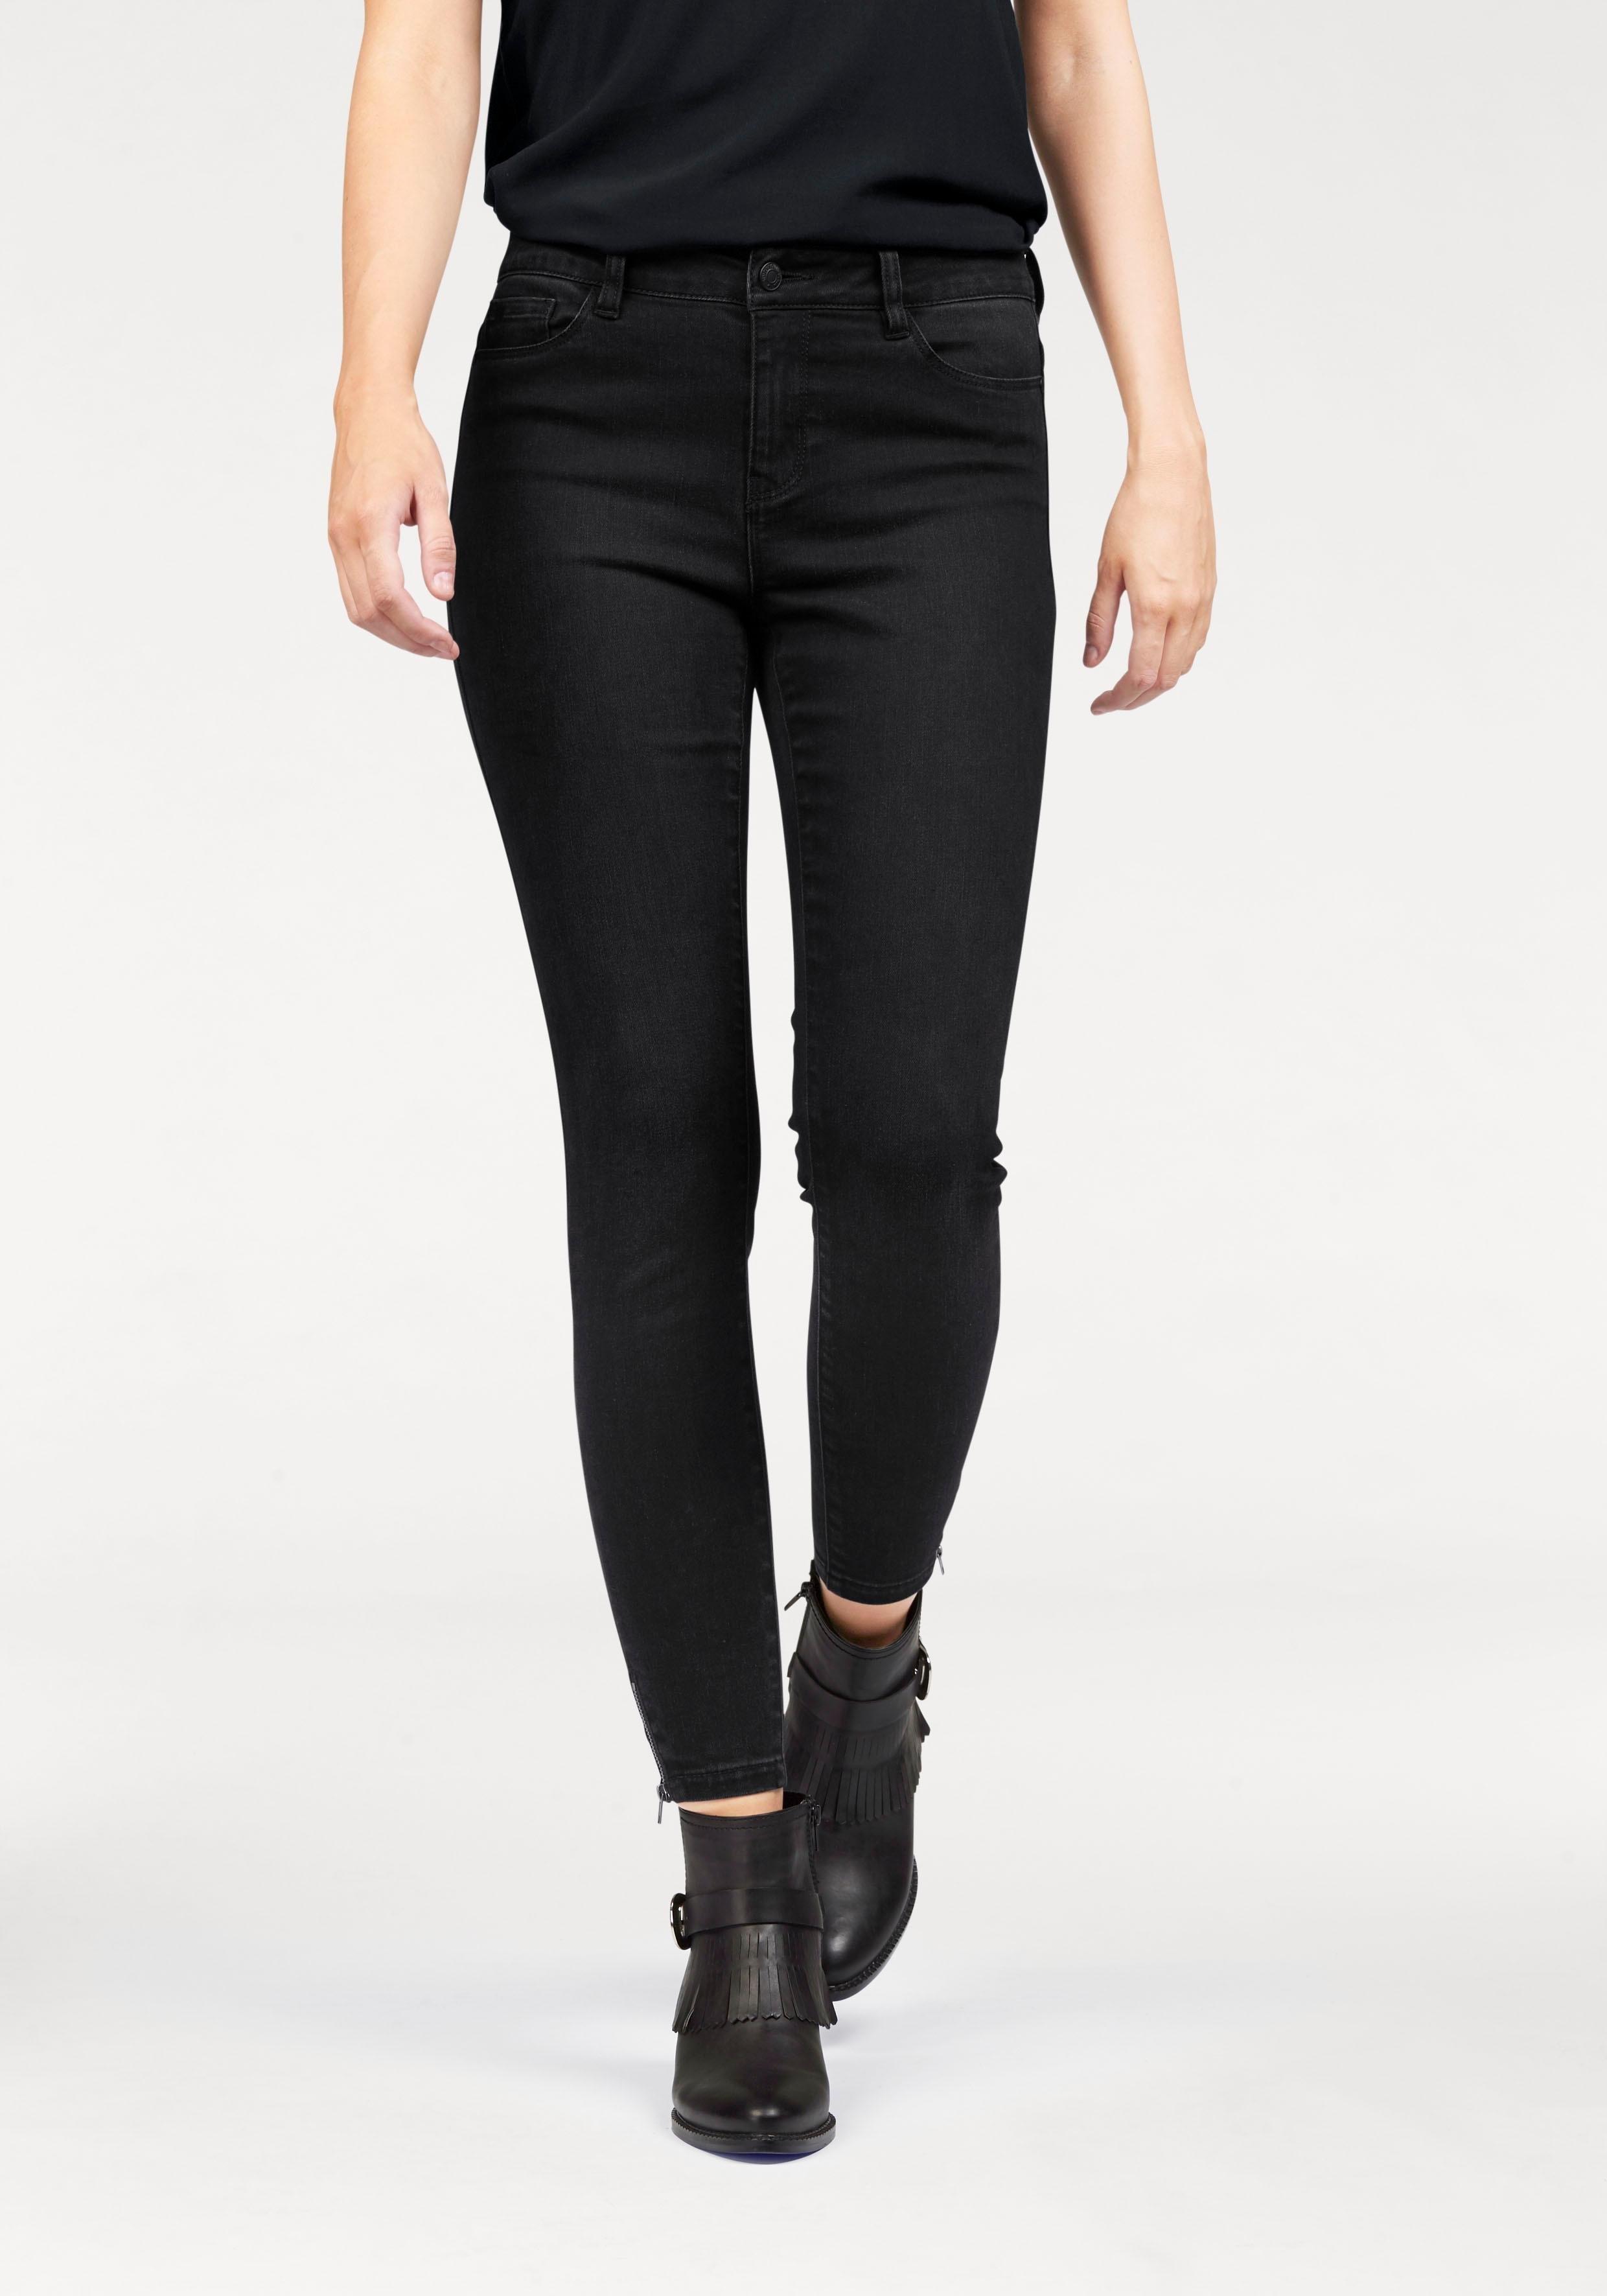 VERO MODA skinny-jeans »SEVEN ANKLE ZIP« nu online kopen bij OTTO